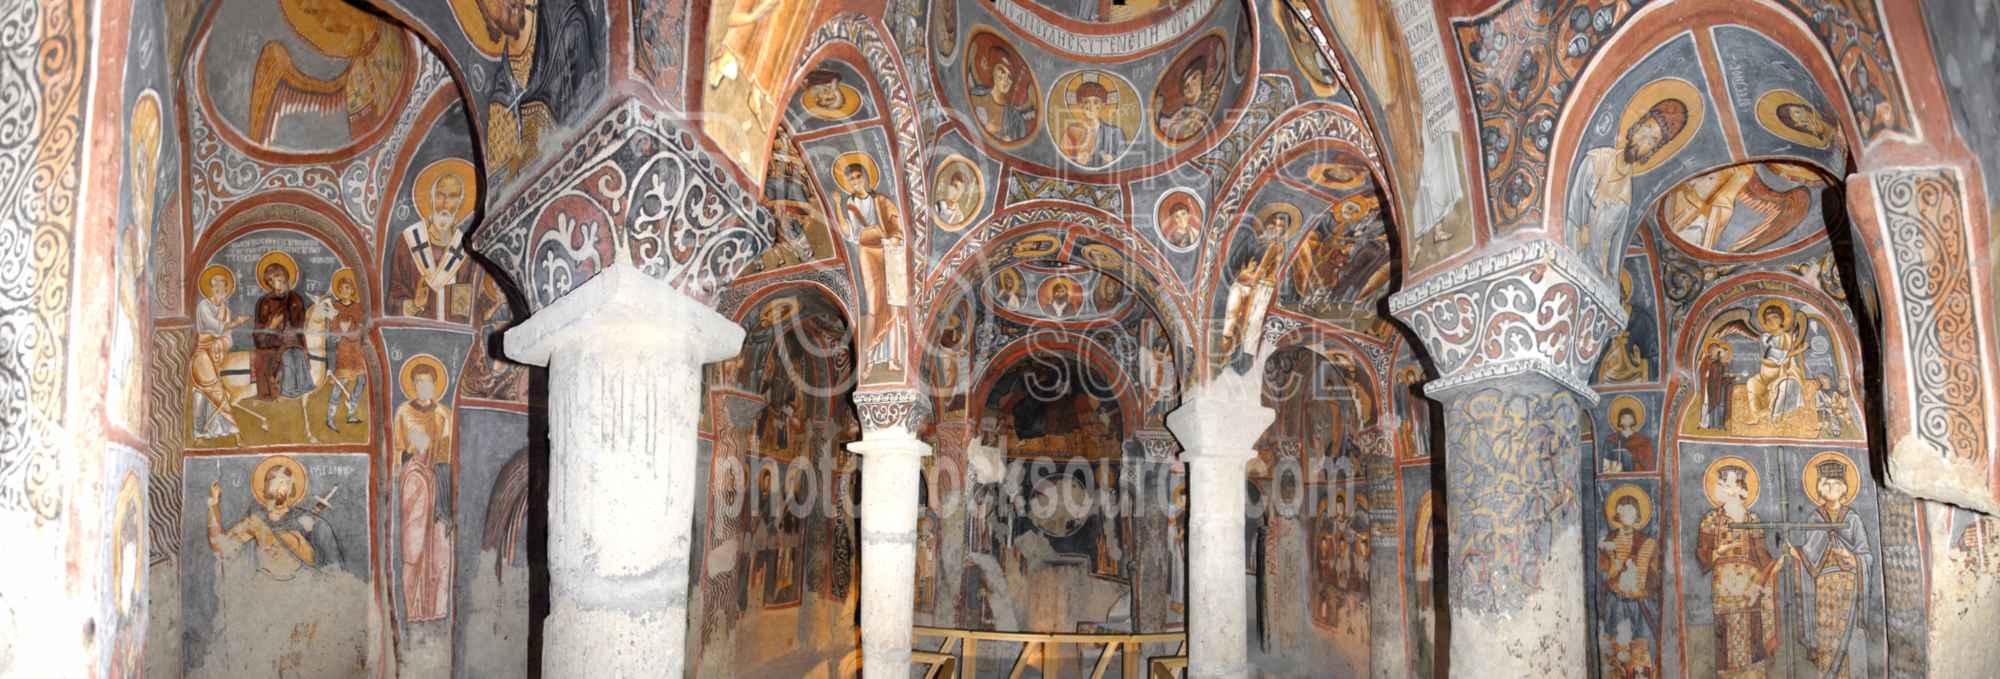 Dark Church Frescos